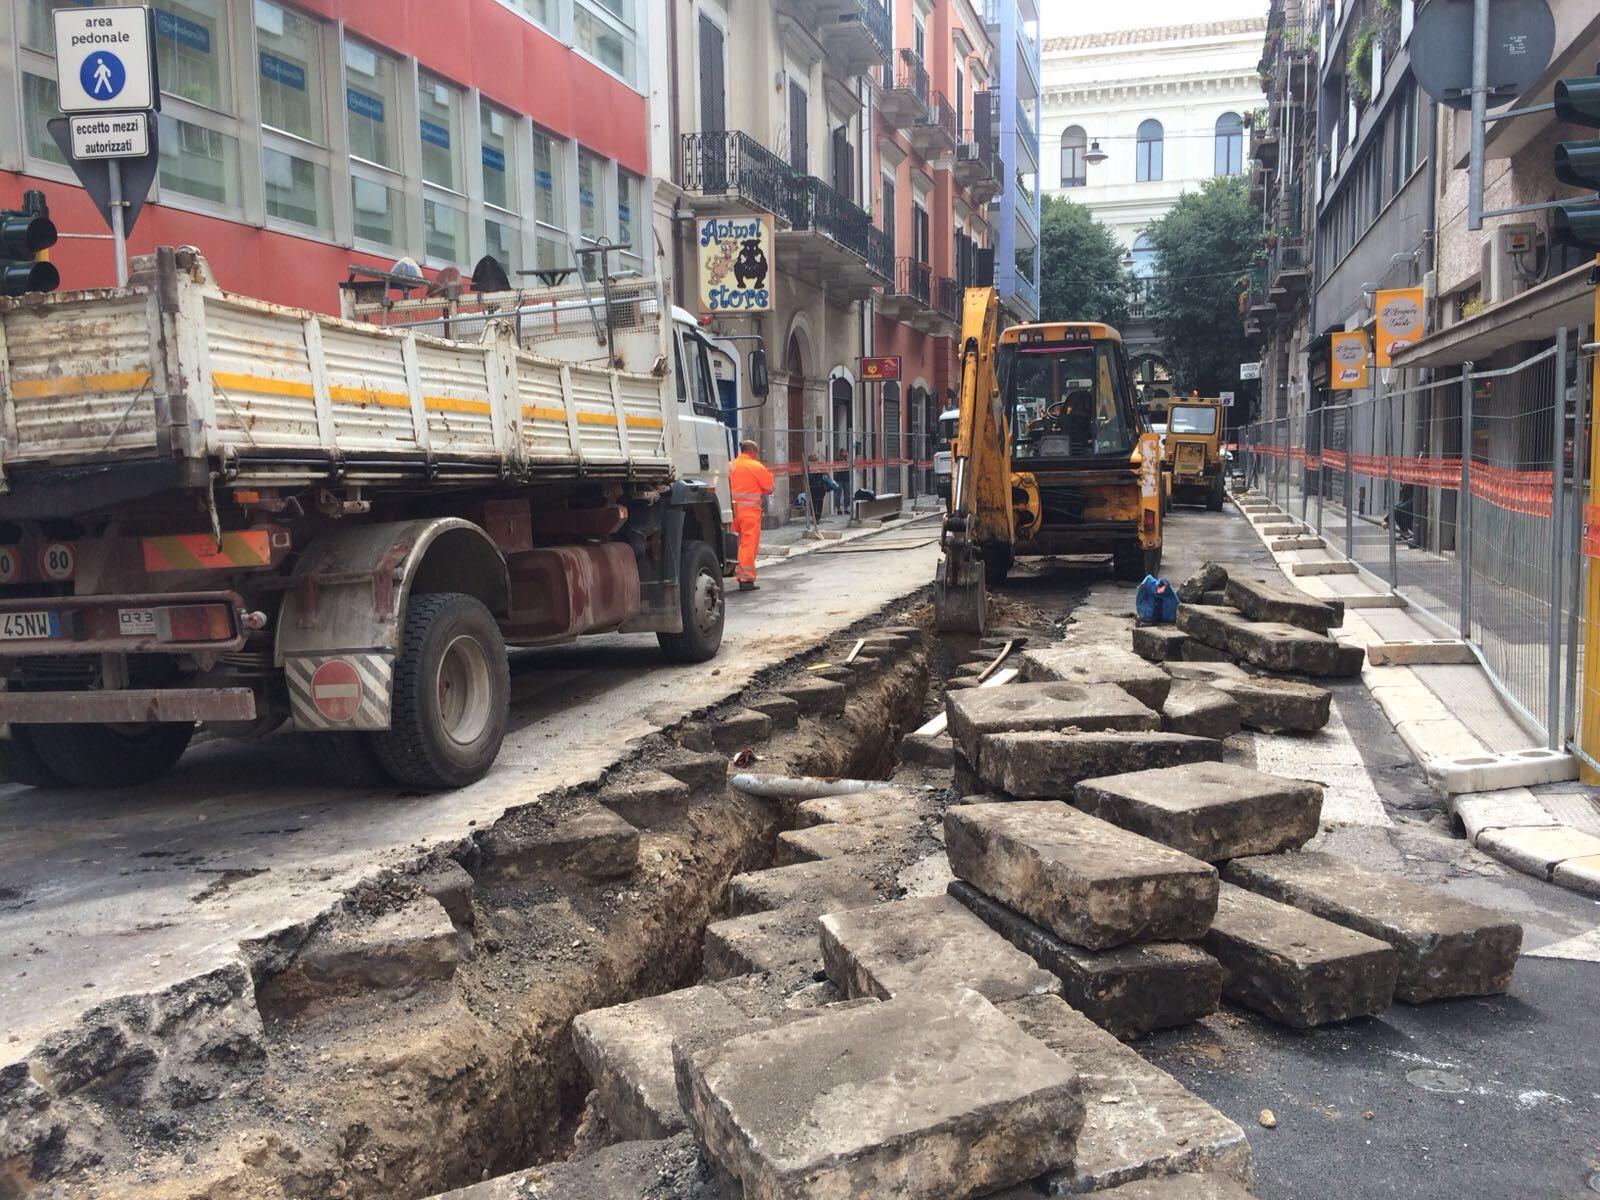 Al via la riqualificazione dei due tratti pedonali di via Roberto da Bari